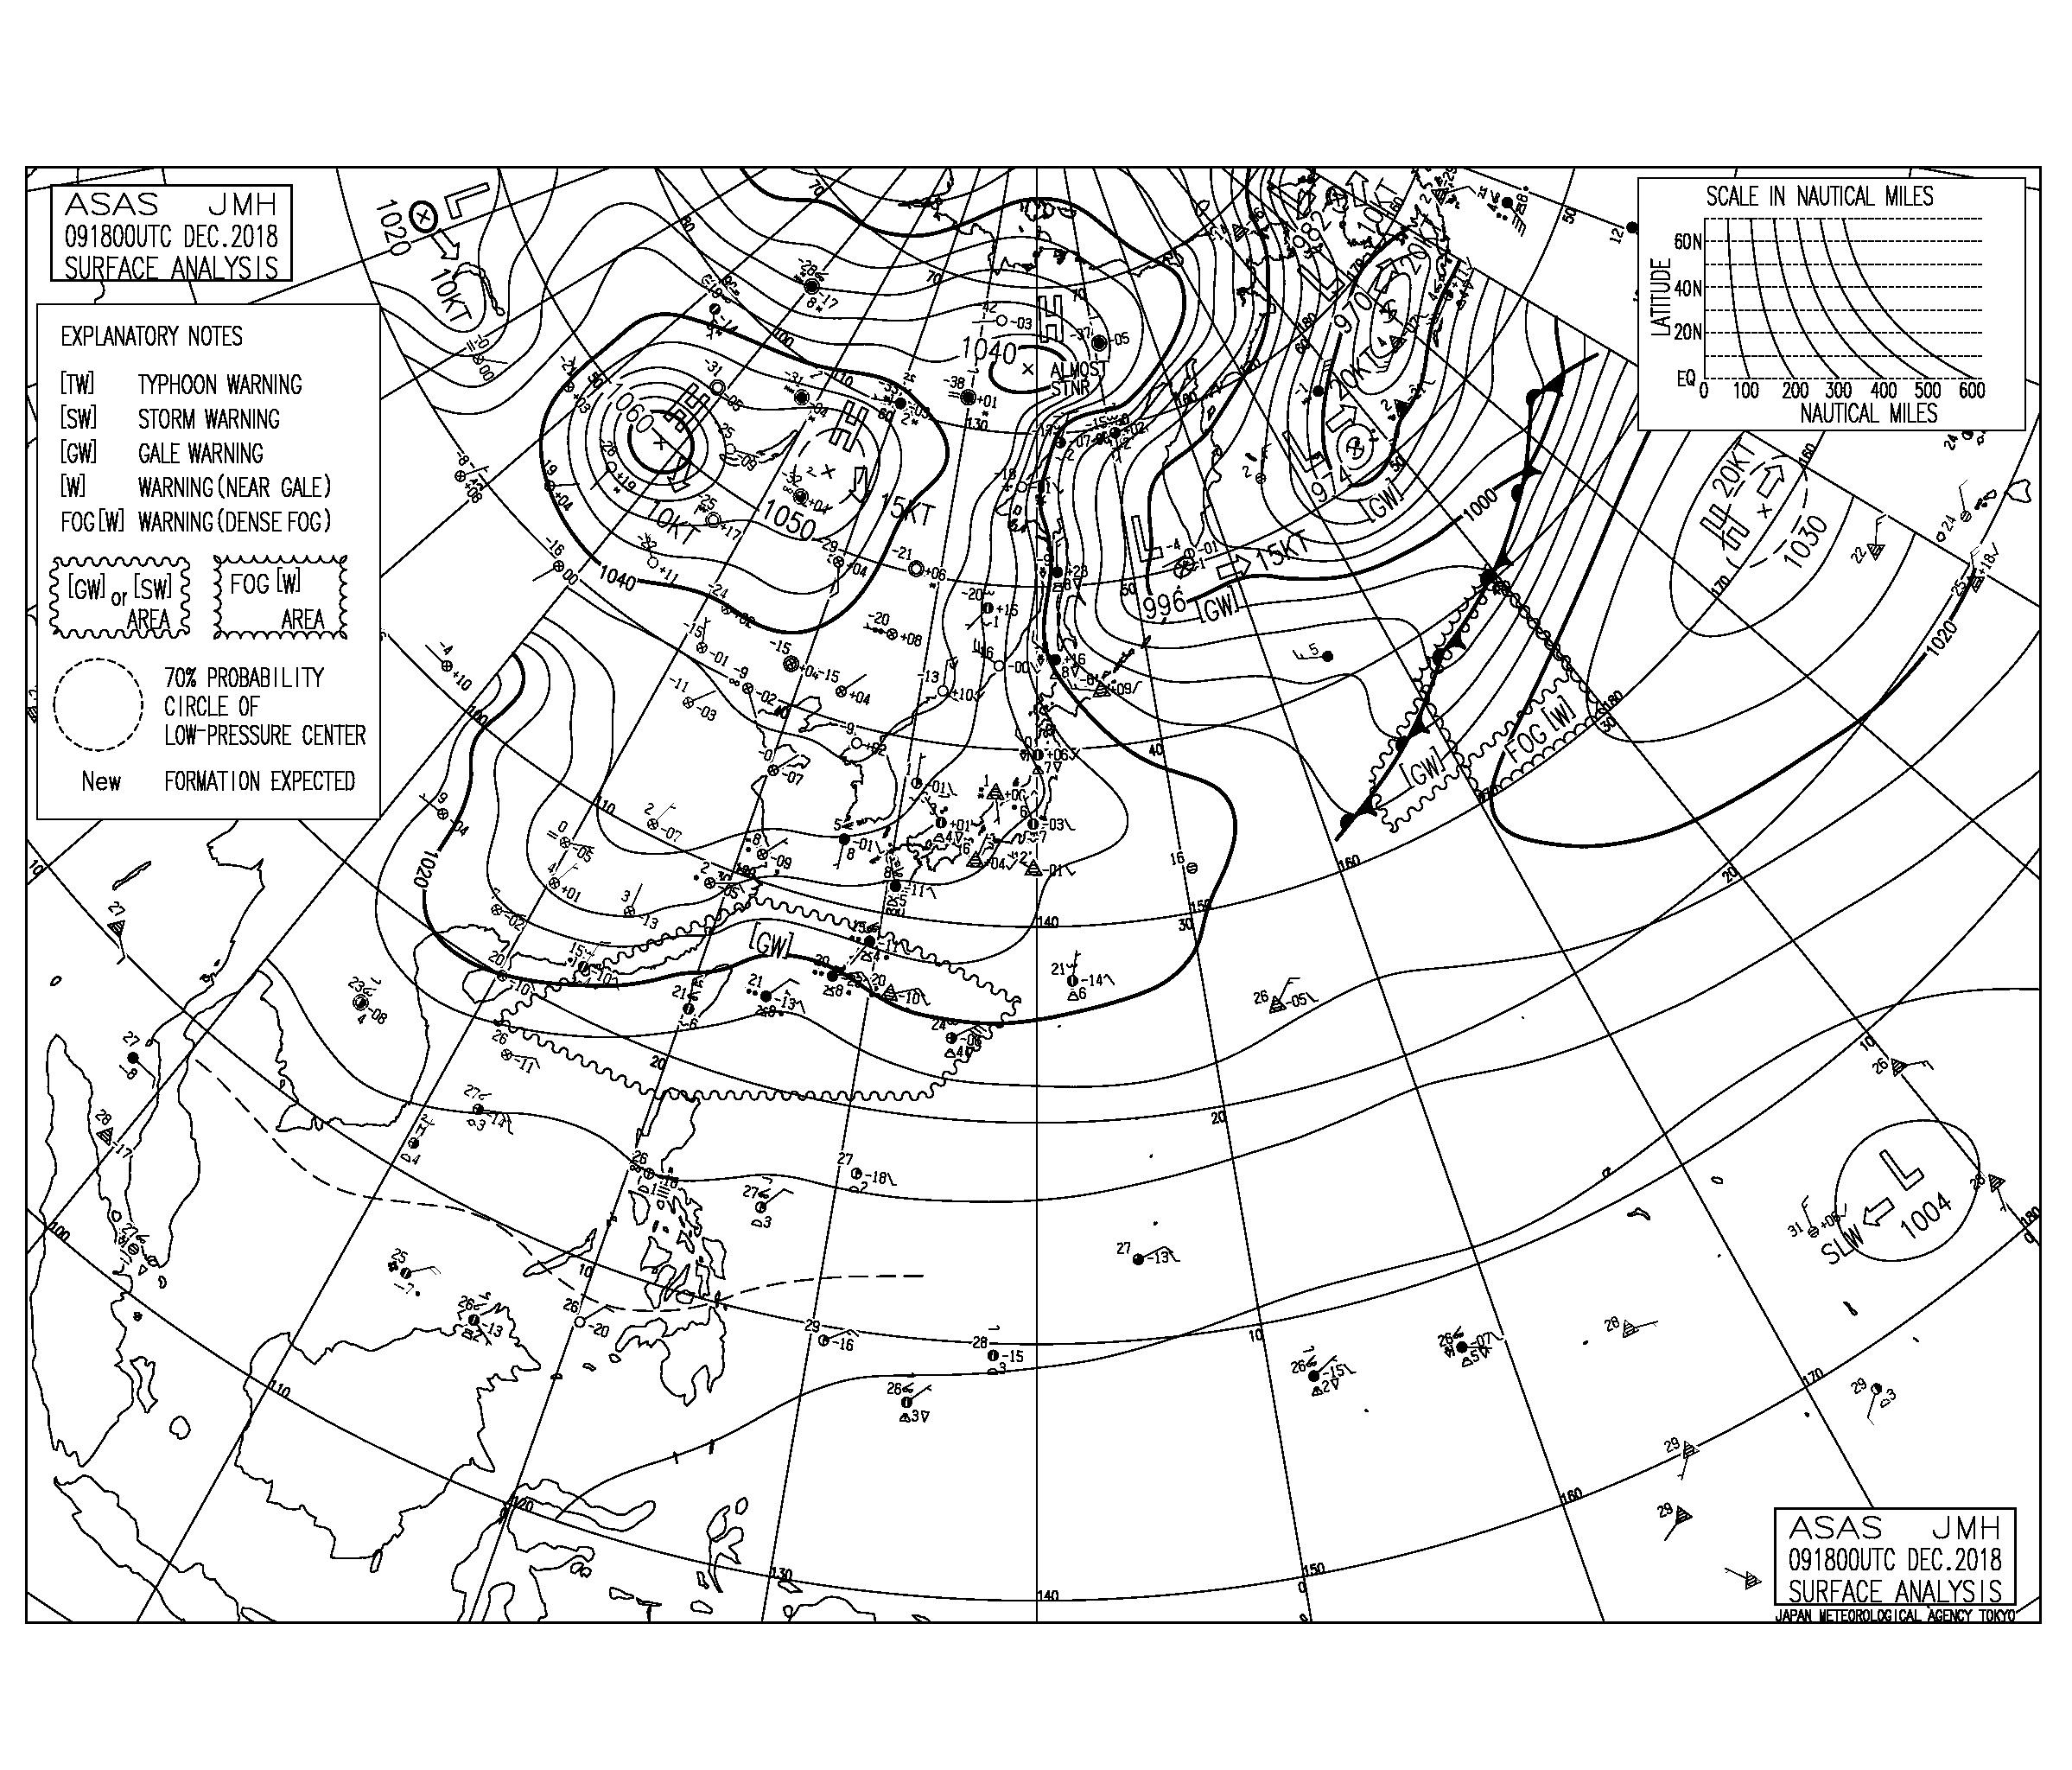 北の風で冷え込み厳しく寒い朝、今週は水曜日の低気圧通過後にサイズあがりそう(181210)